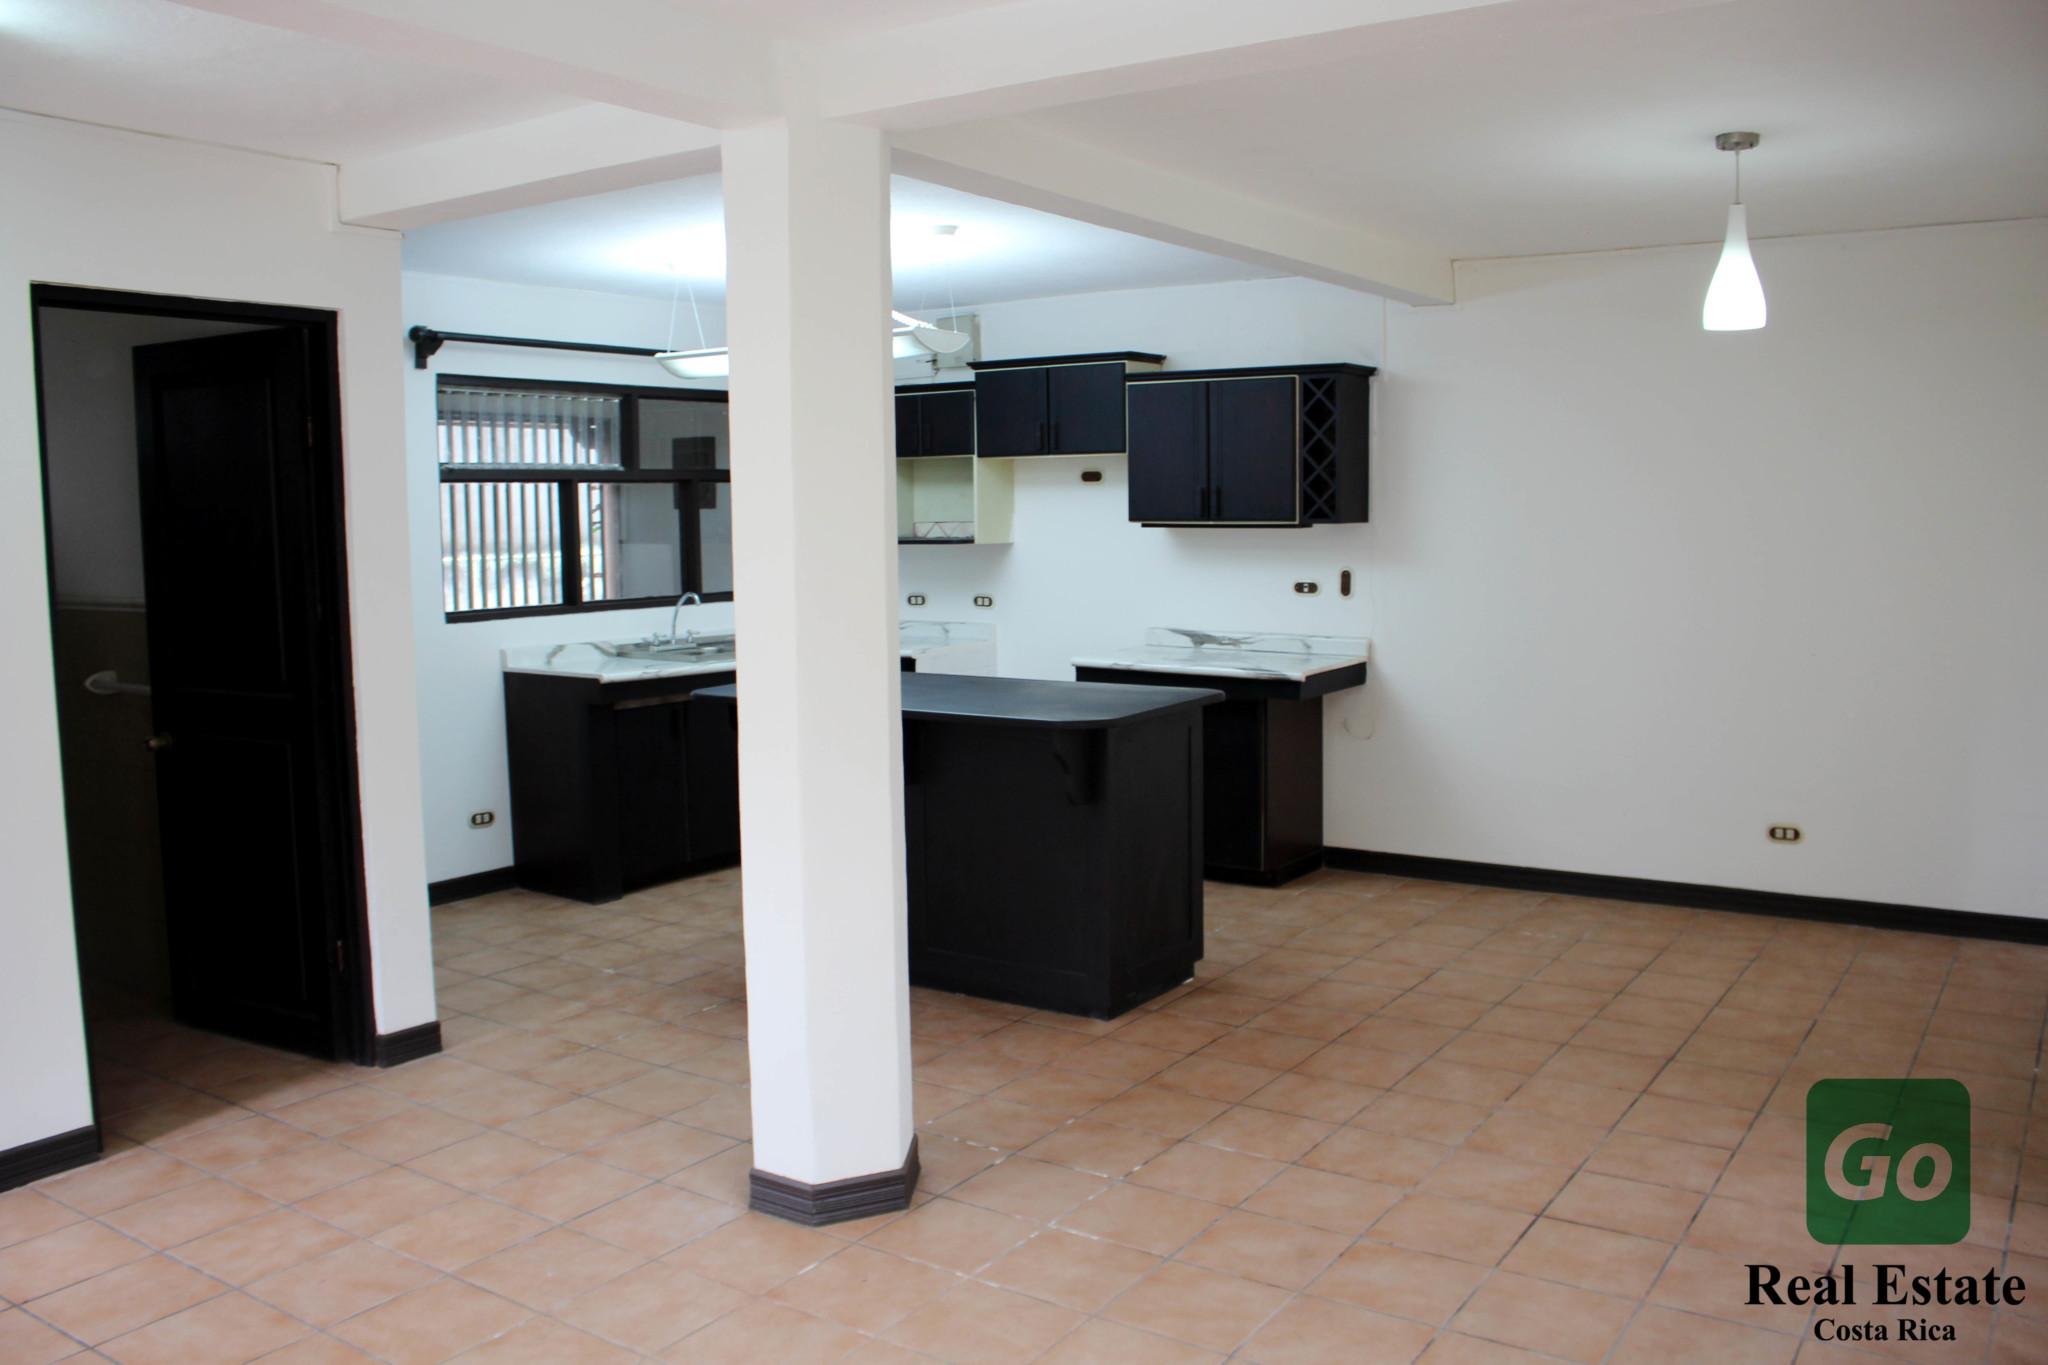 Apartamento, Lomas de Ayarco Curridabat